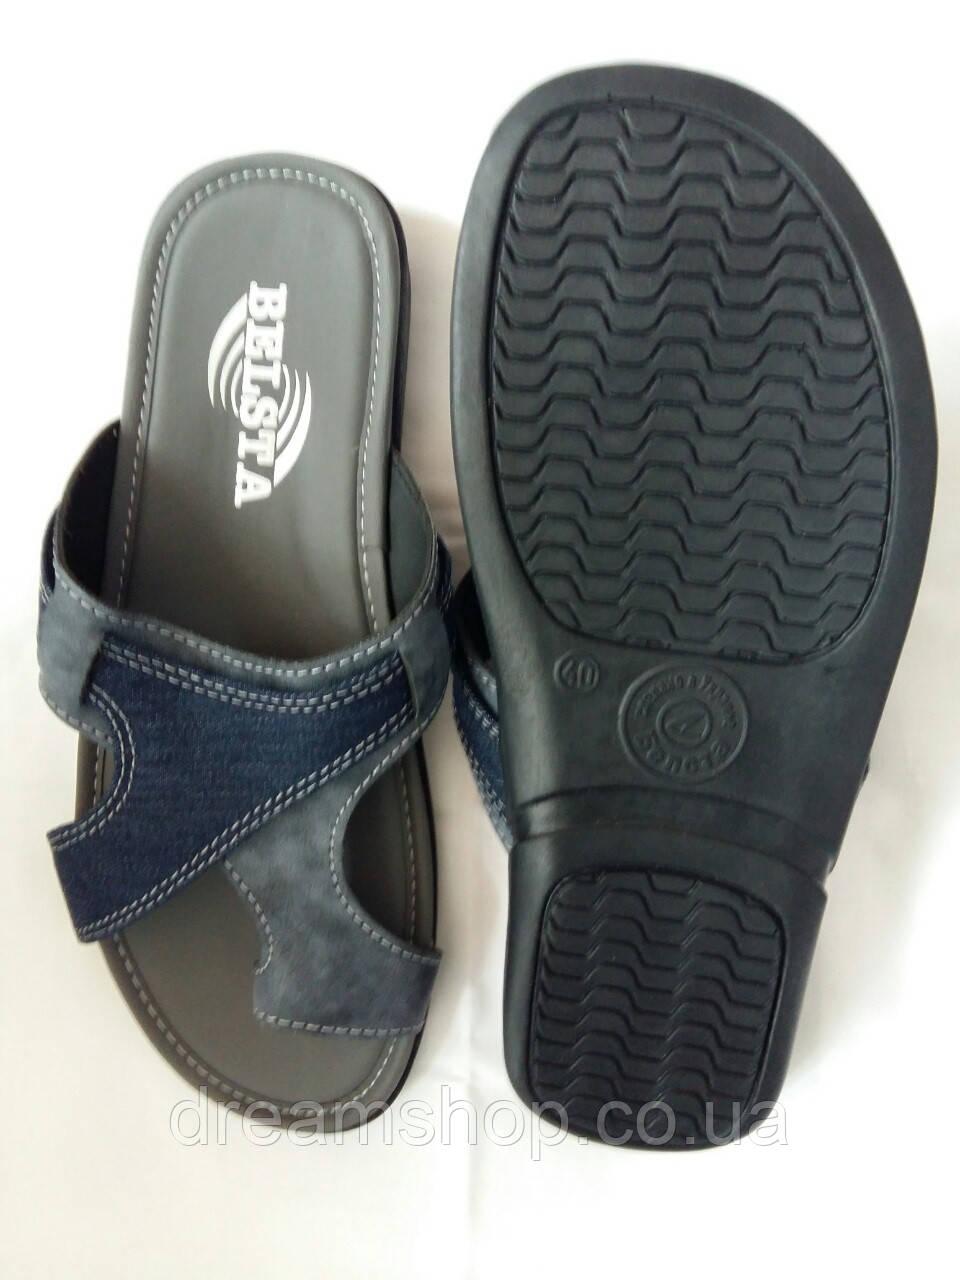 301dac816 Мужские летние сандали Белста , цена 250 грн., купить Гусятин — Prom.ua  (ID#544597863)